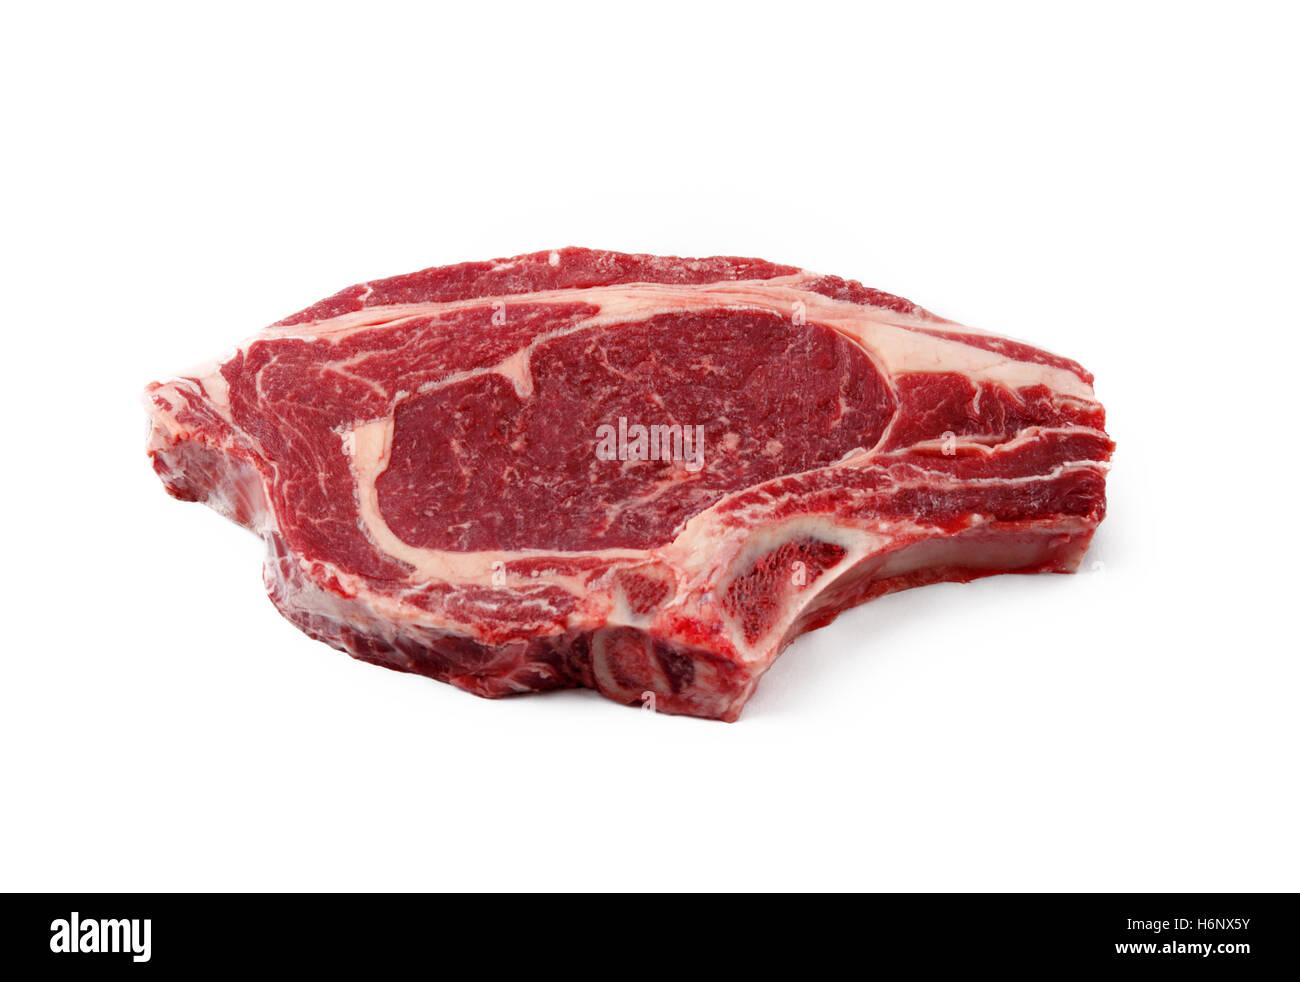 Juteux organique un steak de viande rouge isolé sur fond blanc Photo Stock